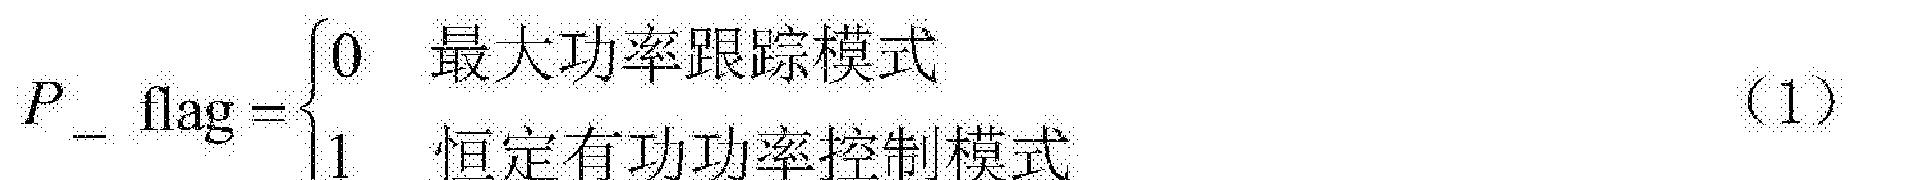 Figure CN107453389AC00021